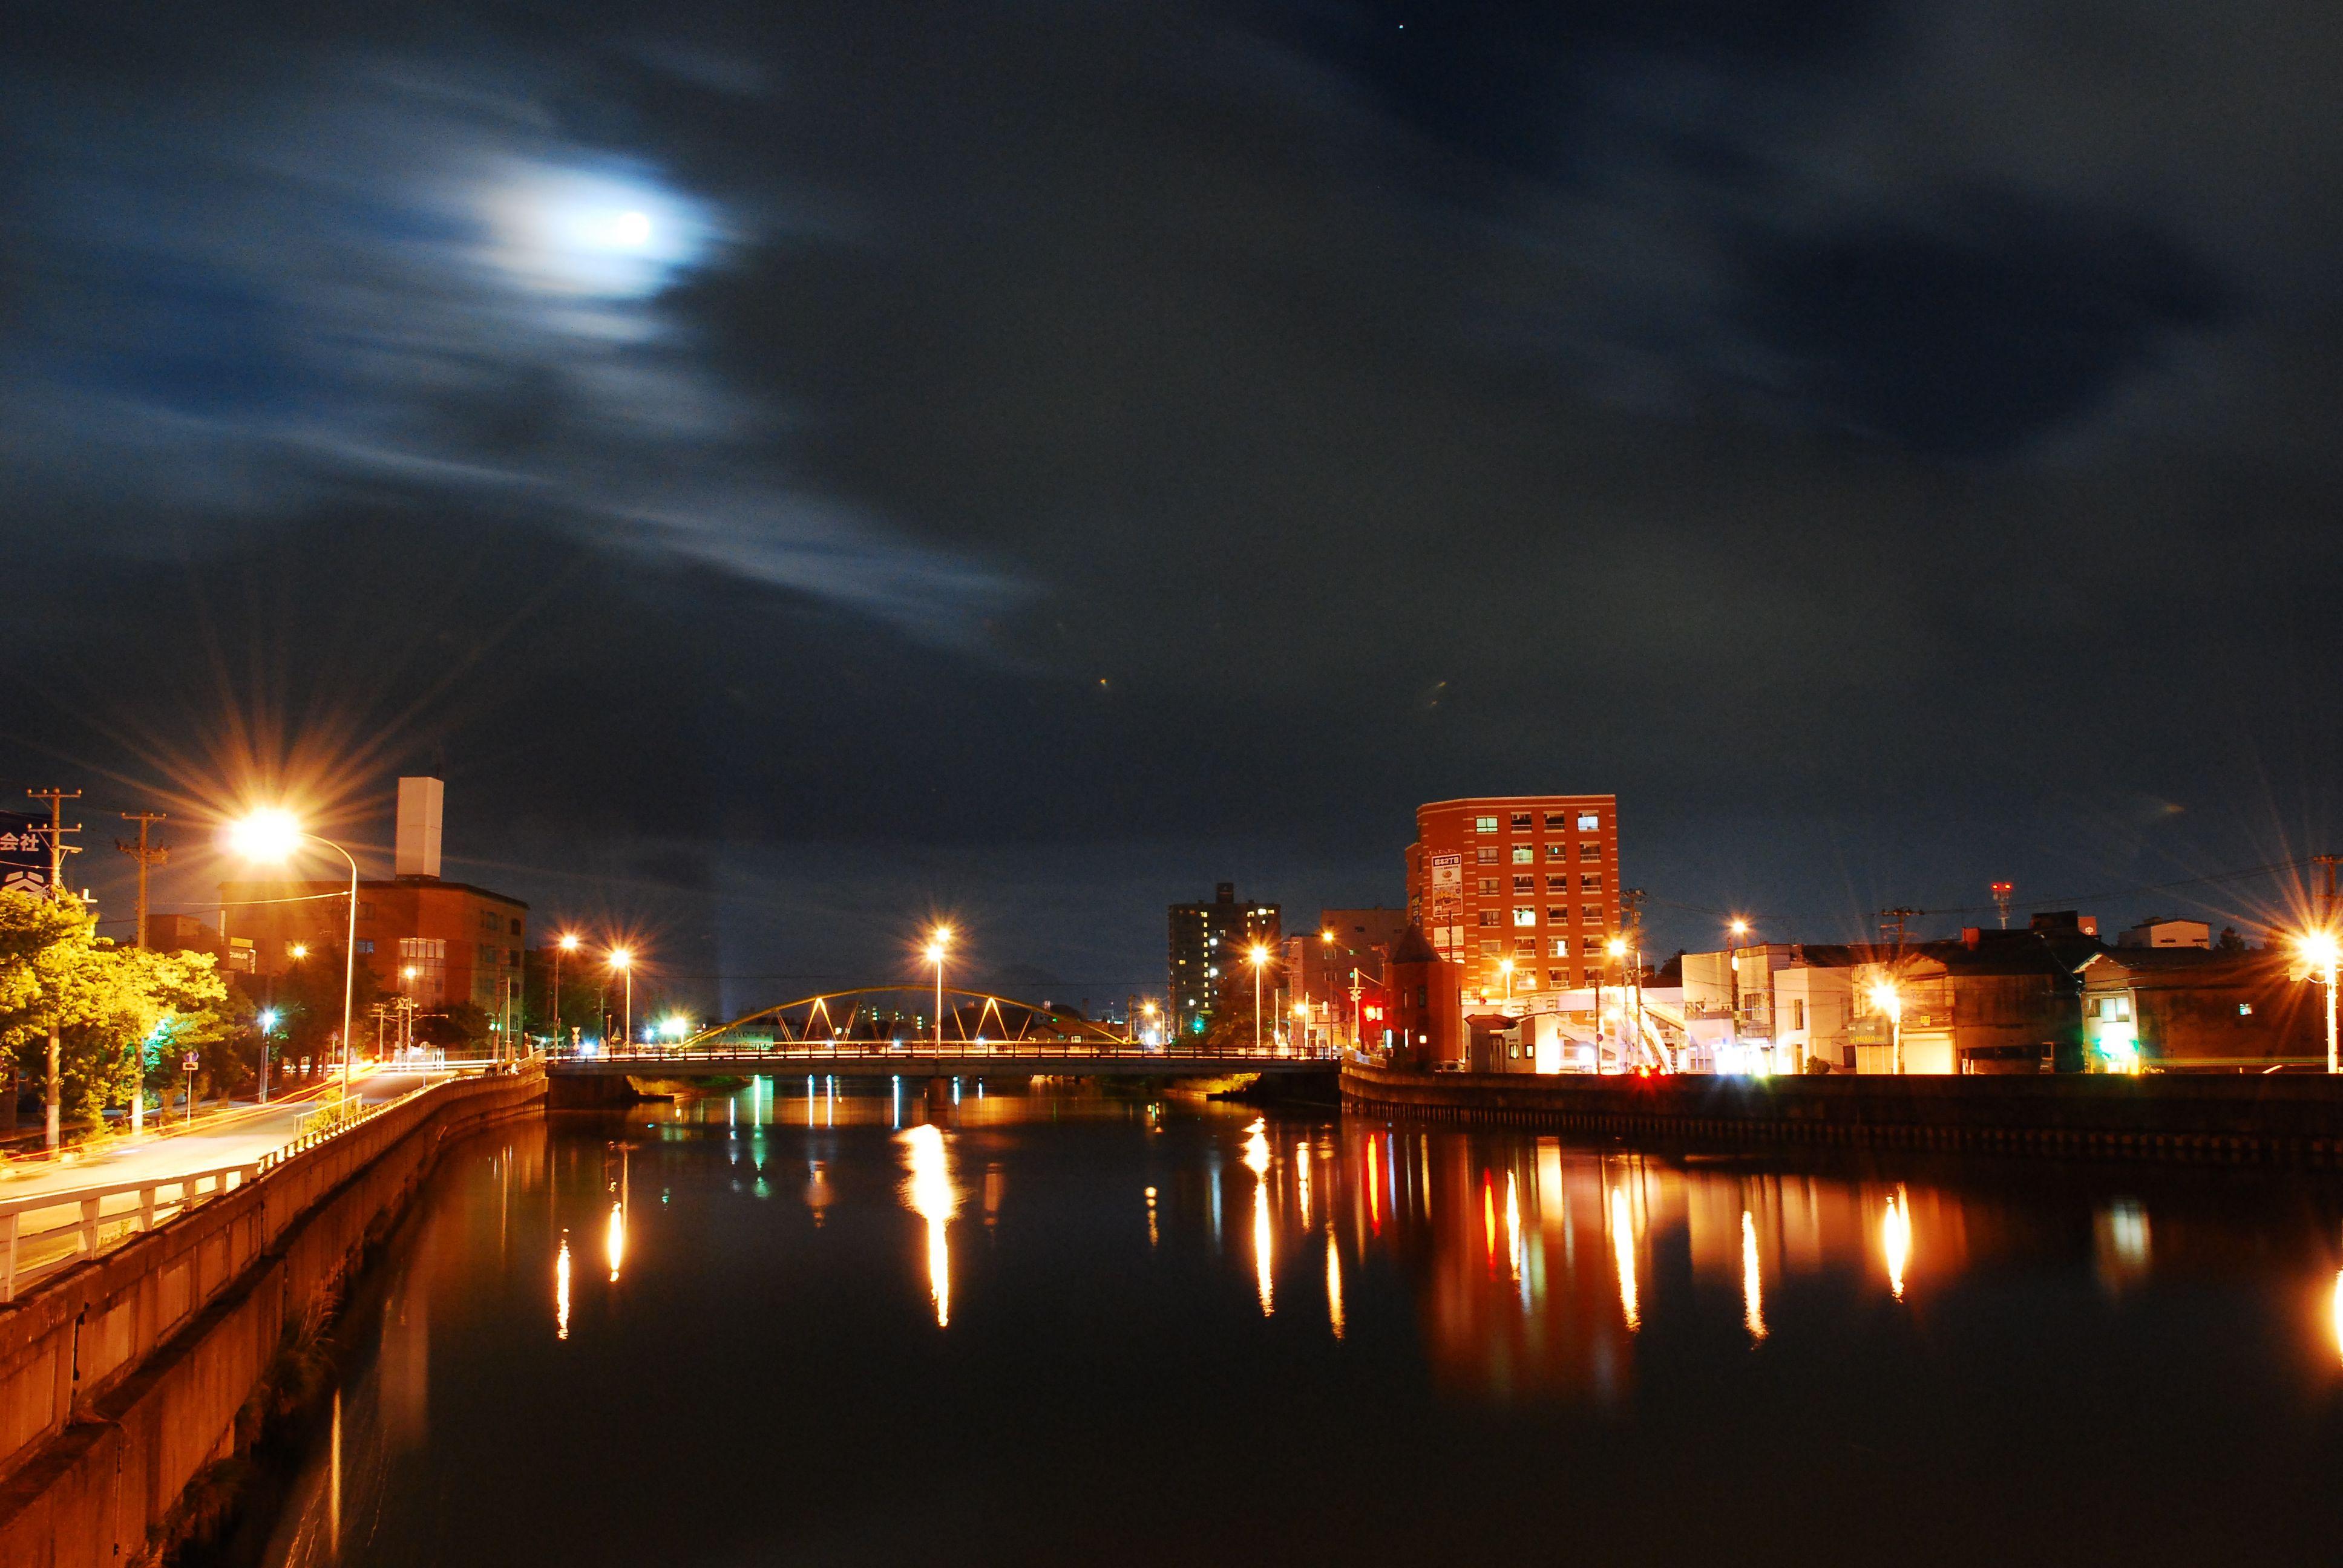 青森市堤橋と月...1